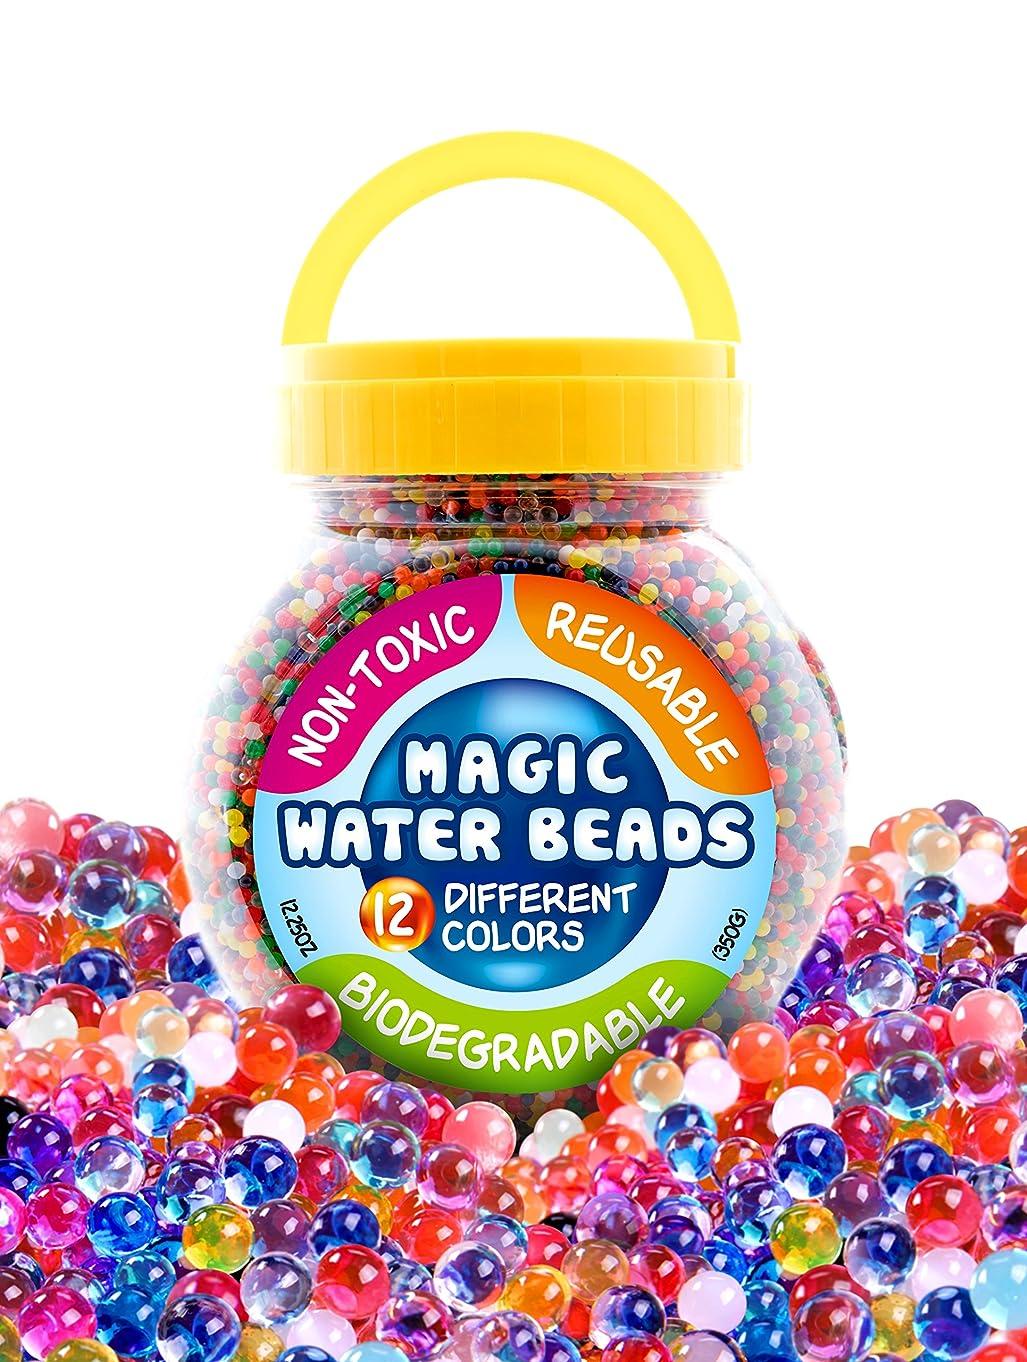 Giraffe - Magic Water Beads - Over 55,000 Beads - 12.25oz